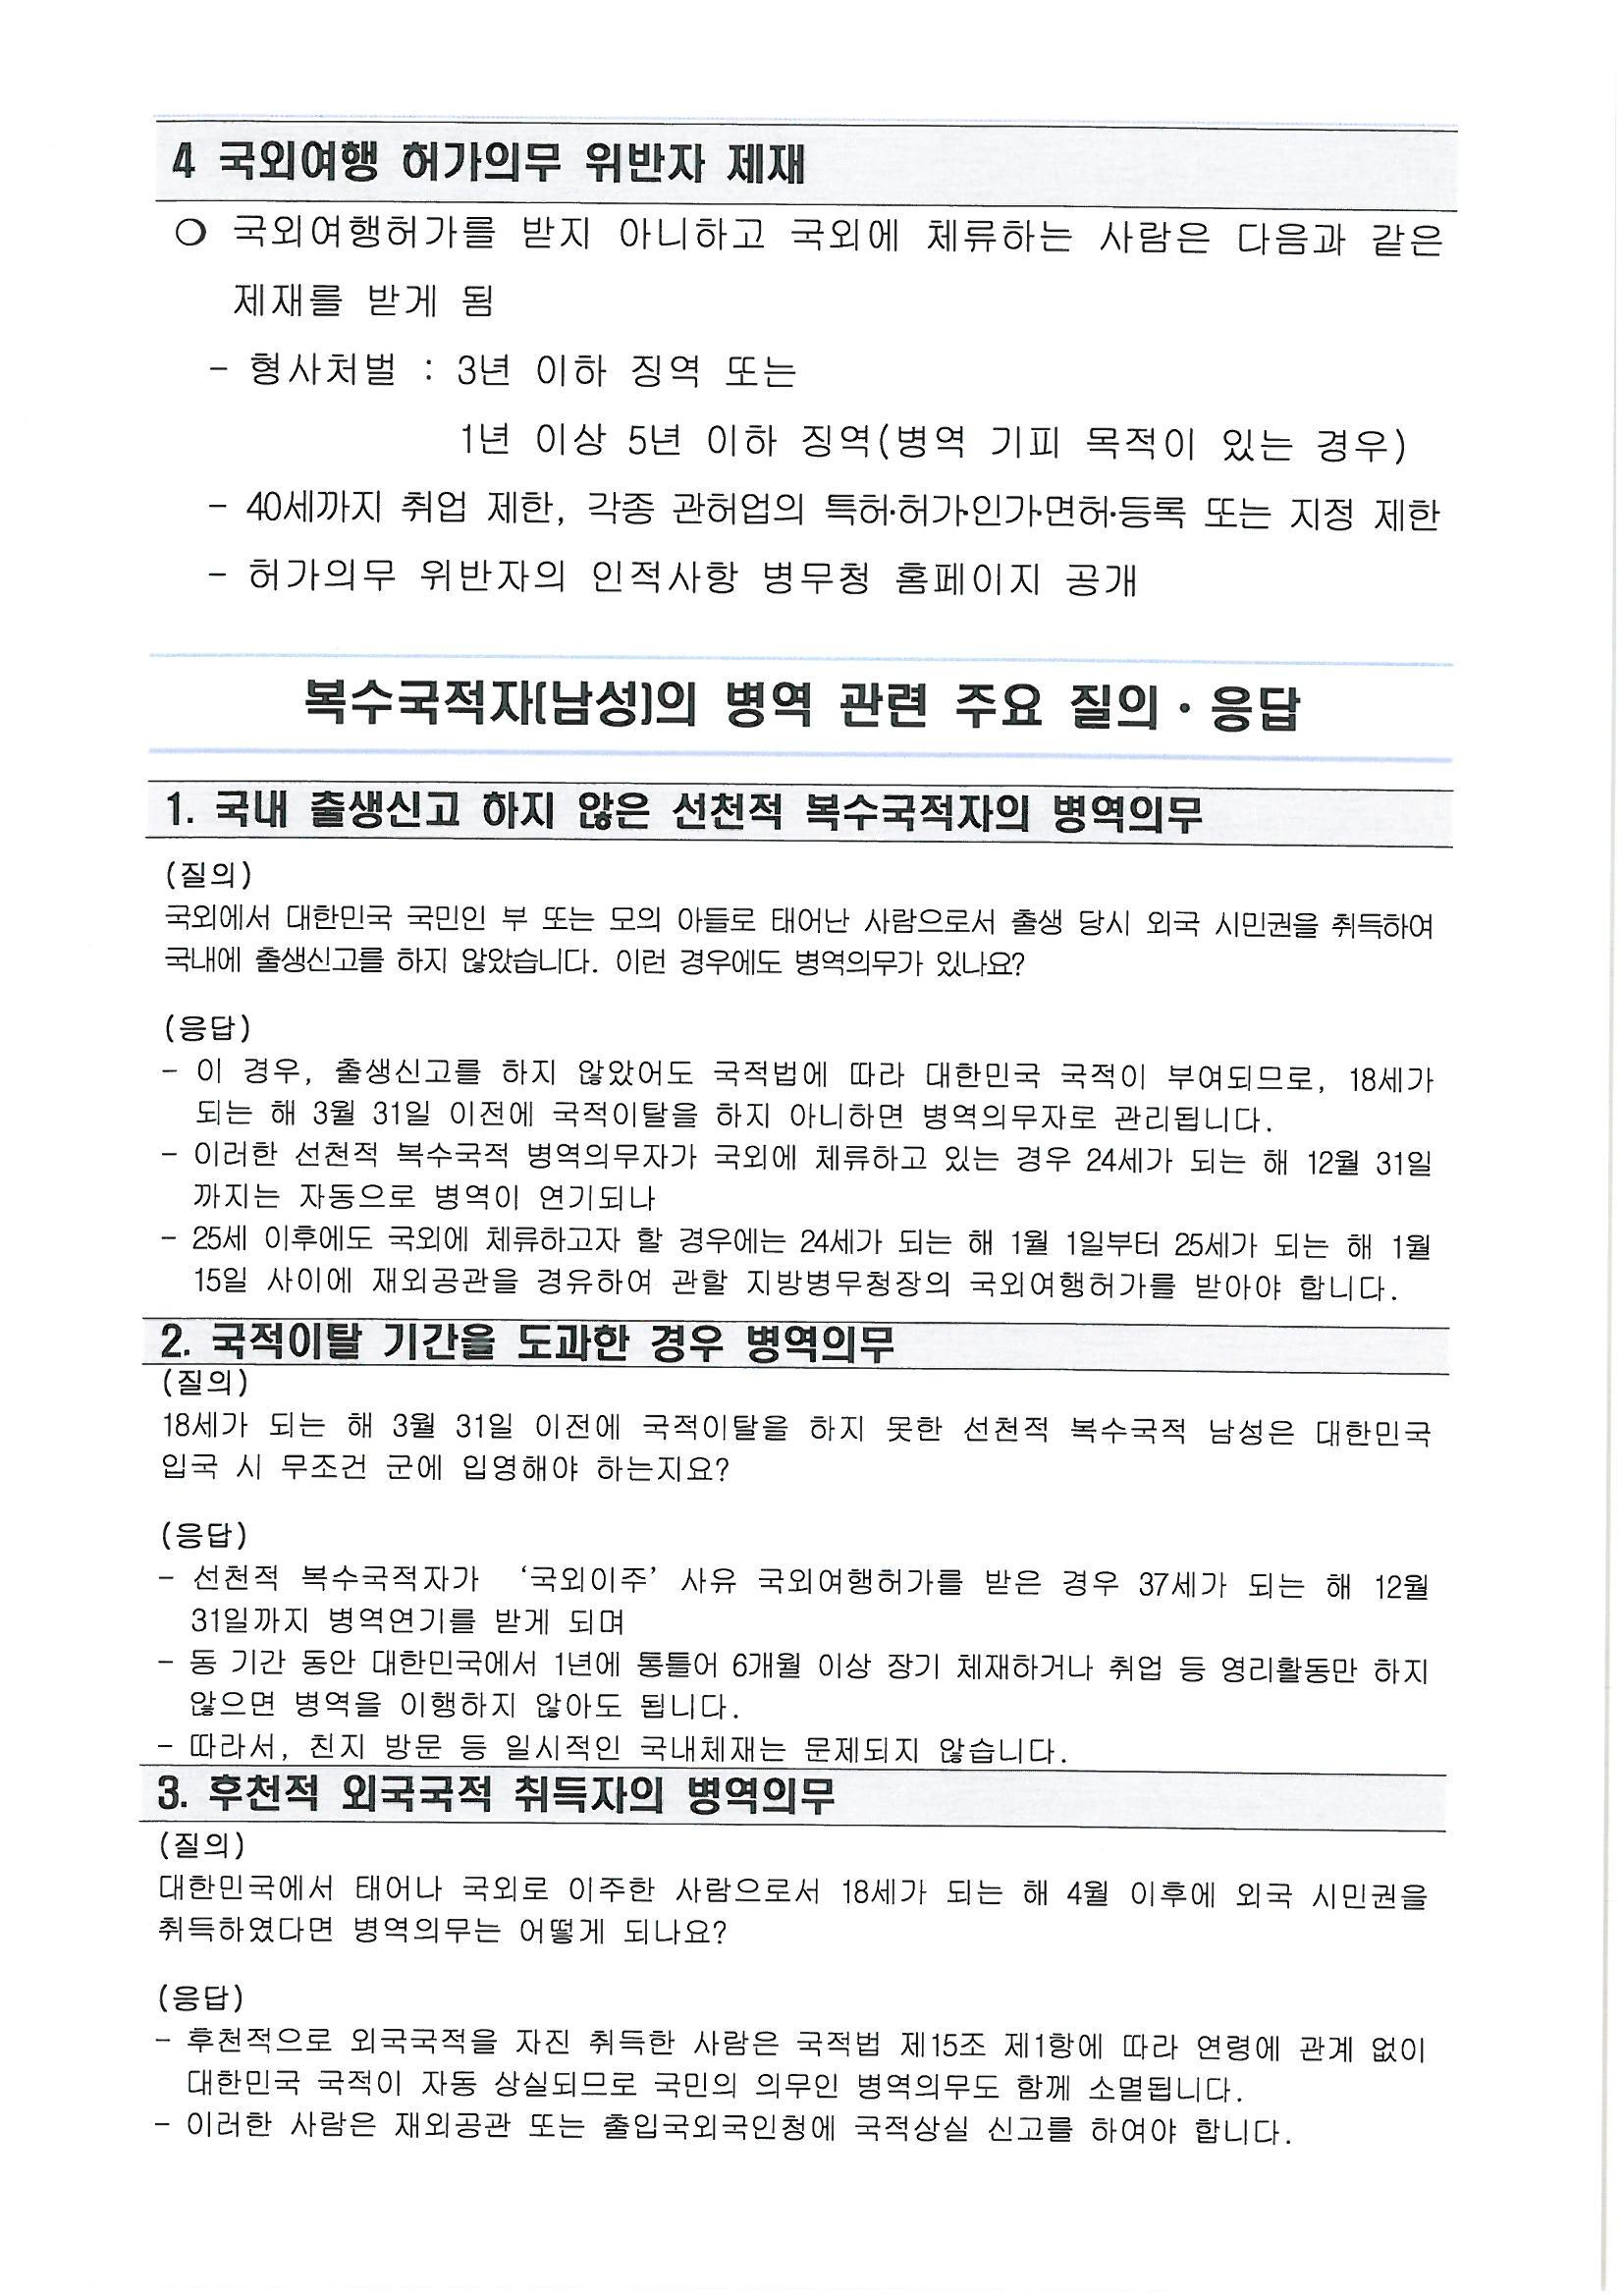 국적선택 홍보 자료(한인회장님)_페이지_07.jpg